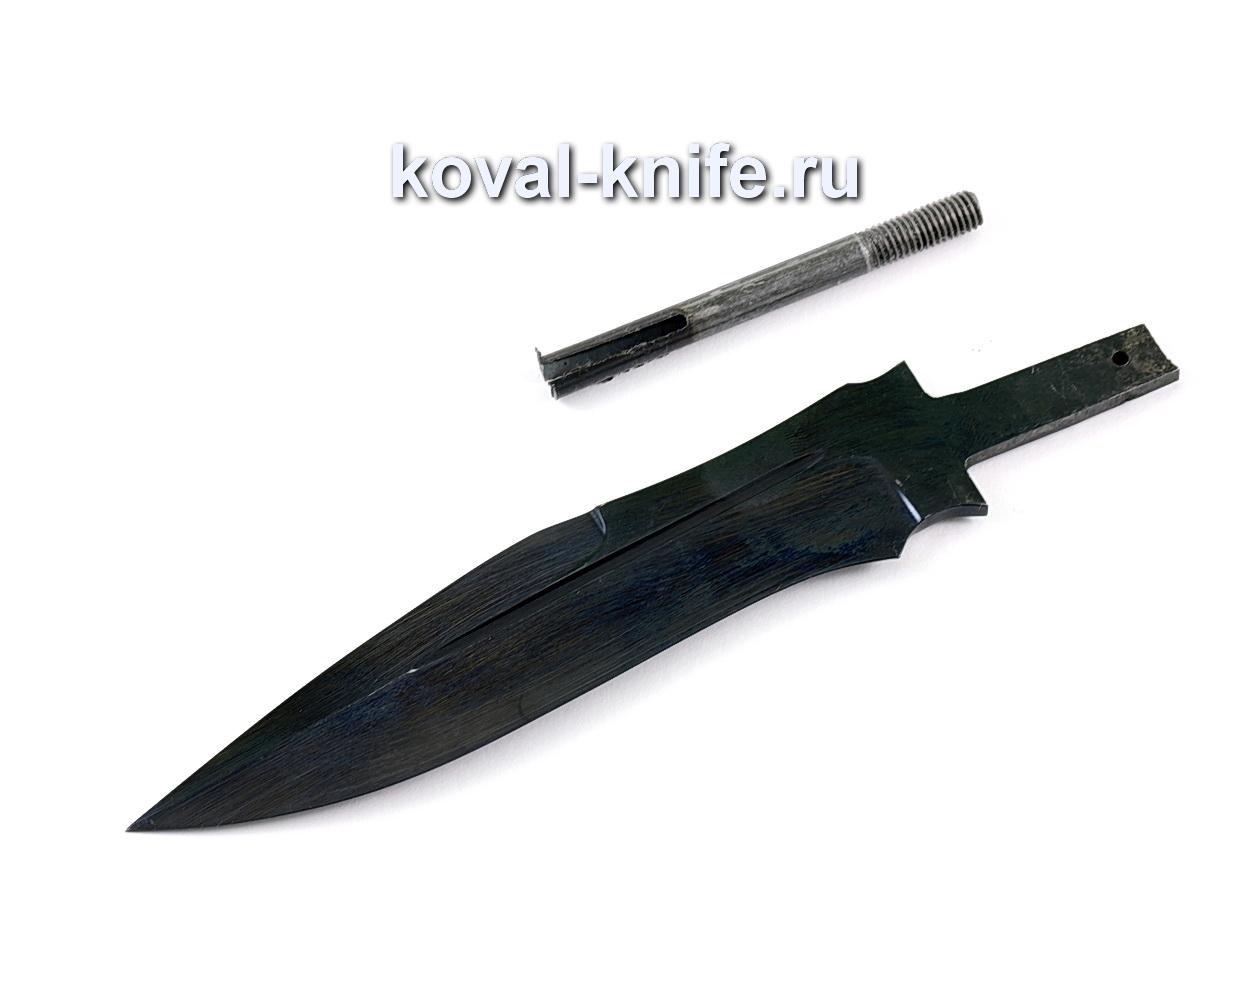 Клинок для ножа Антитеррор (кованая сталь У10)